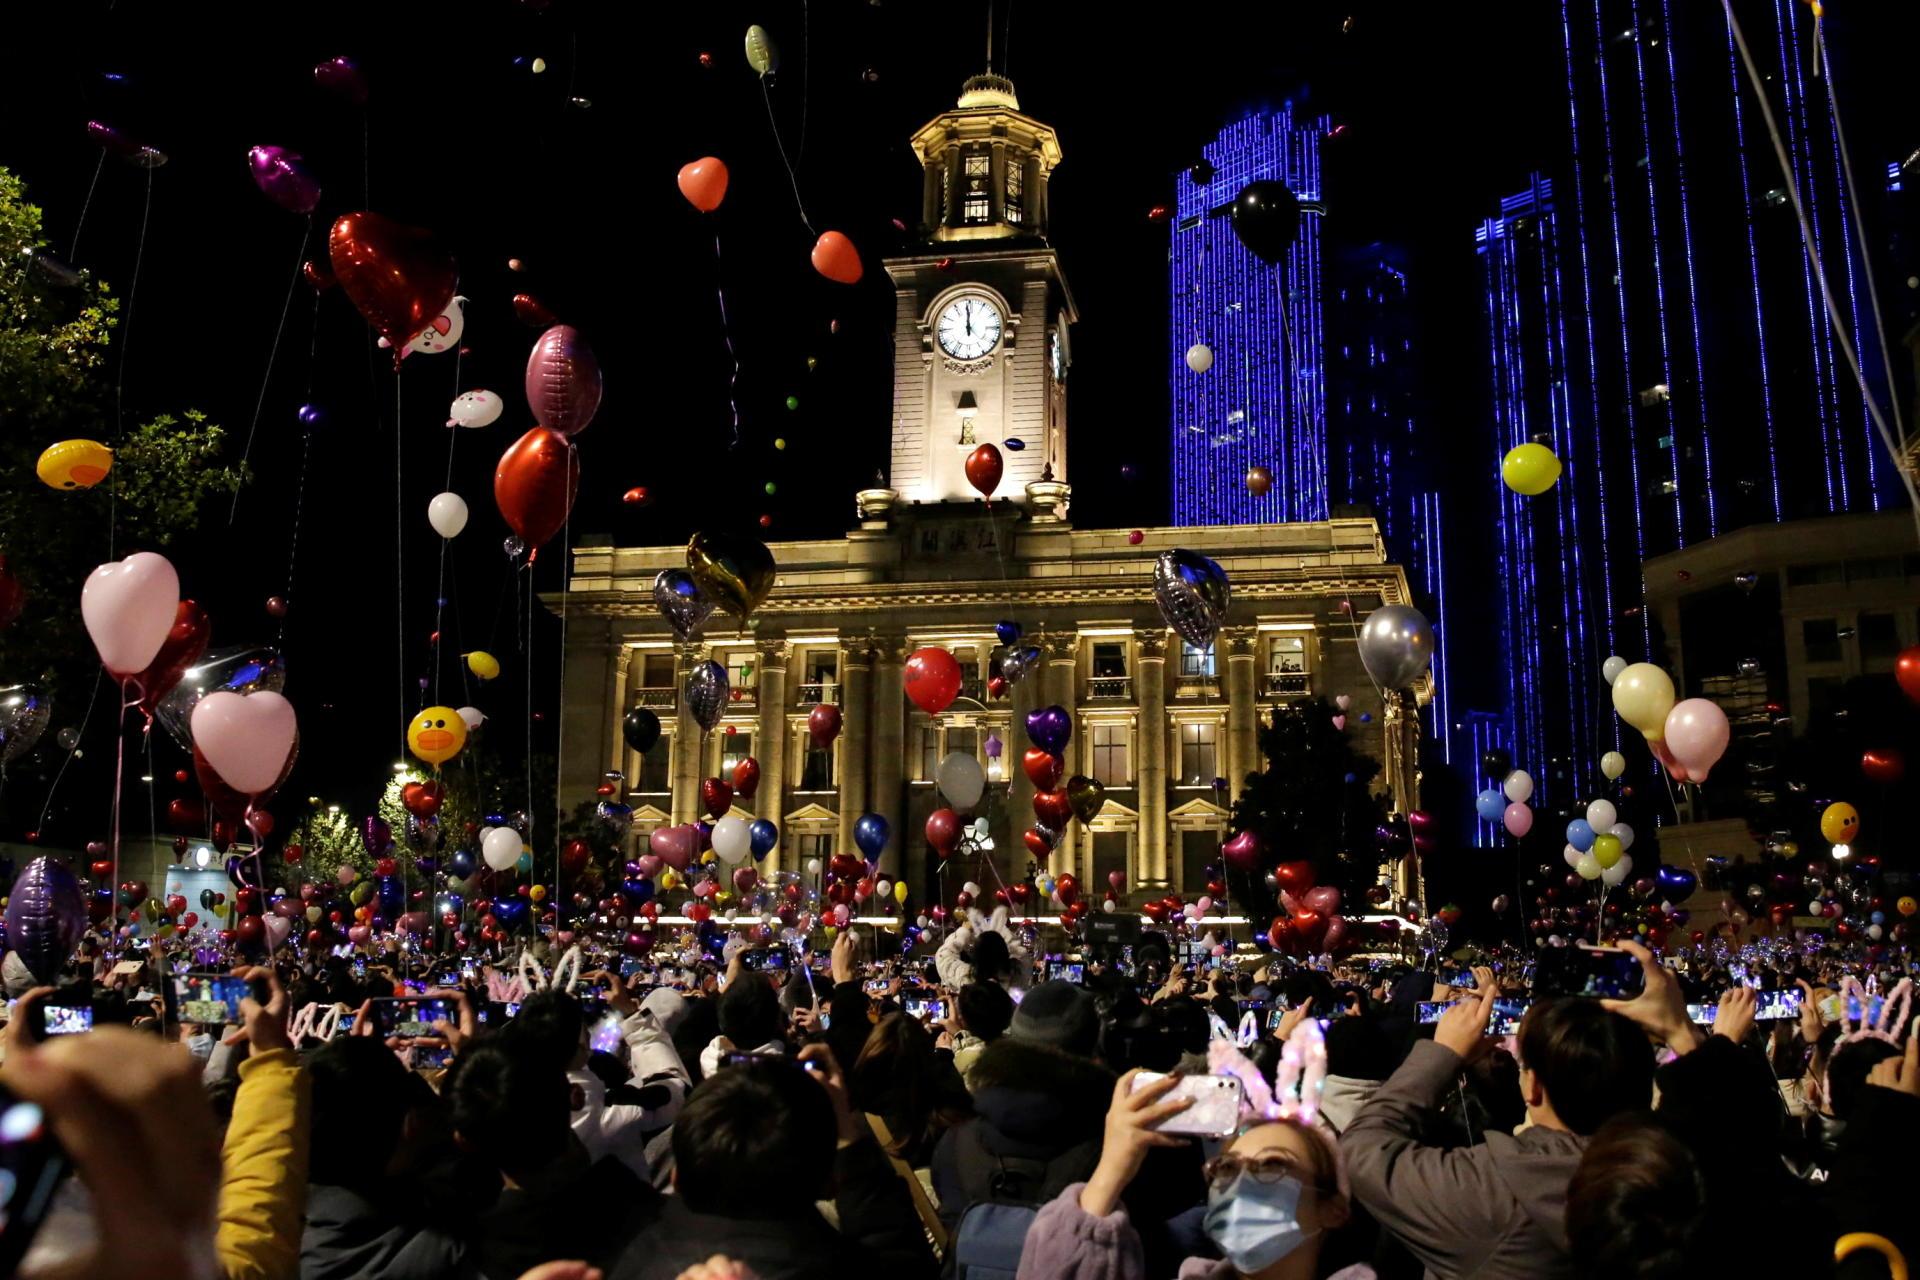 مردم محلی برای جشن سال نو در ووهان ، چین در تاریخ 31 دسامبر جمع شدند.